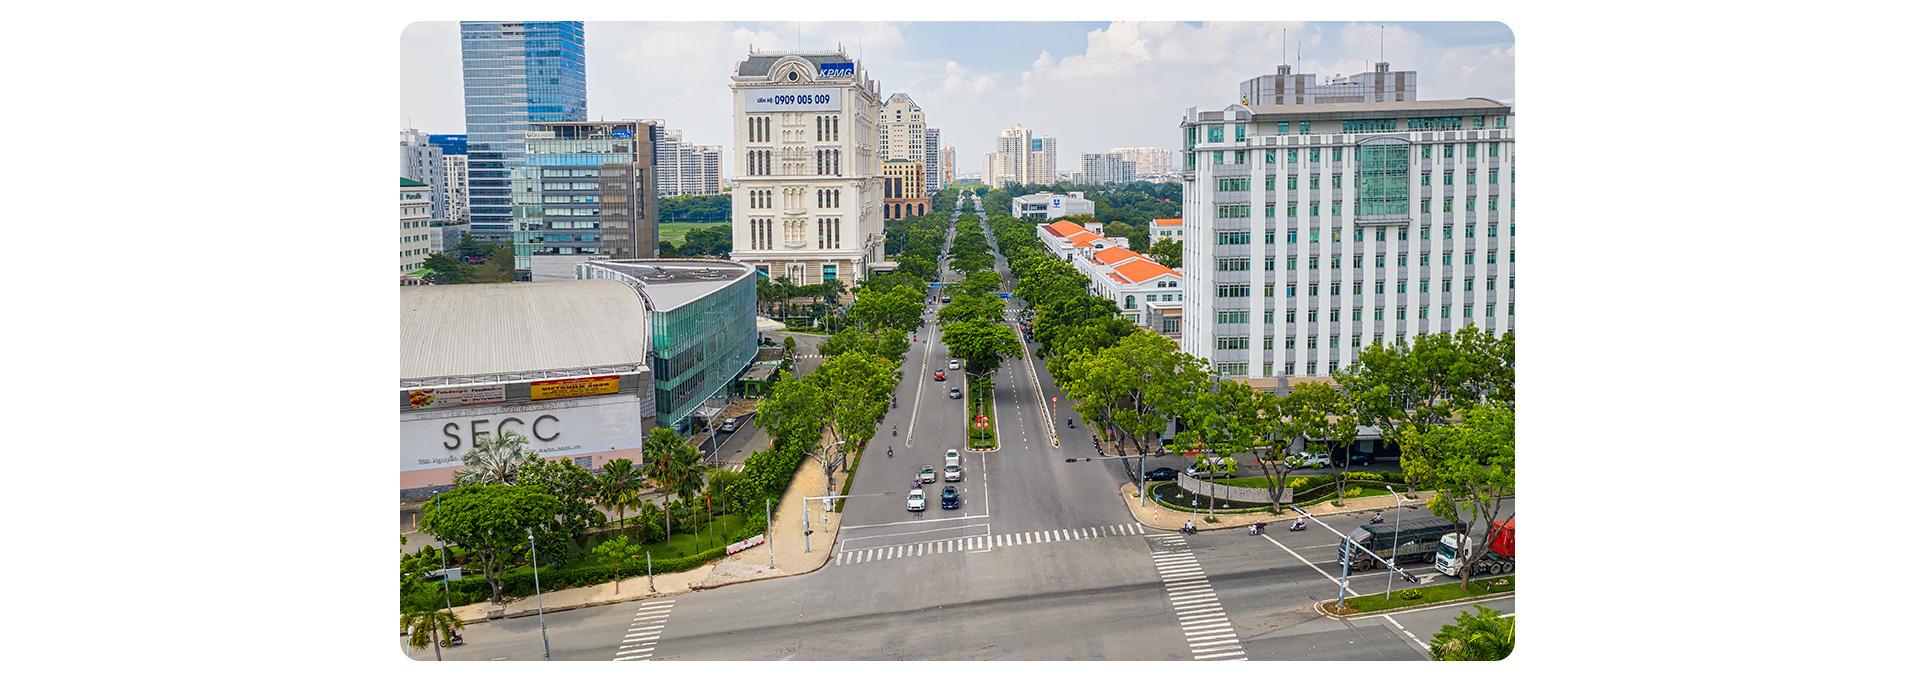 Bất động sản TPHCM: Sôi động nhiều nơi, nhưng Phú Mỹ Hưng mới có nhiều cơ hội - Ảnh 8.